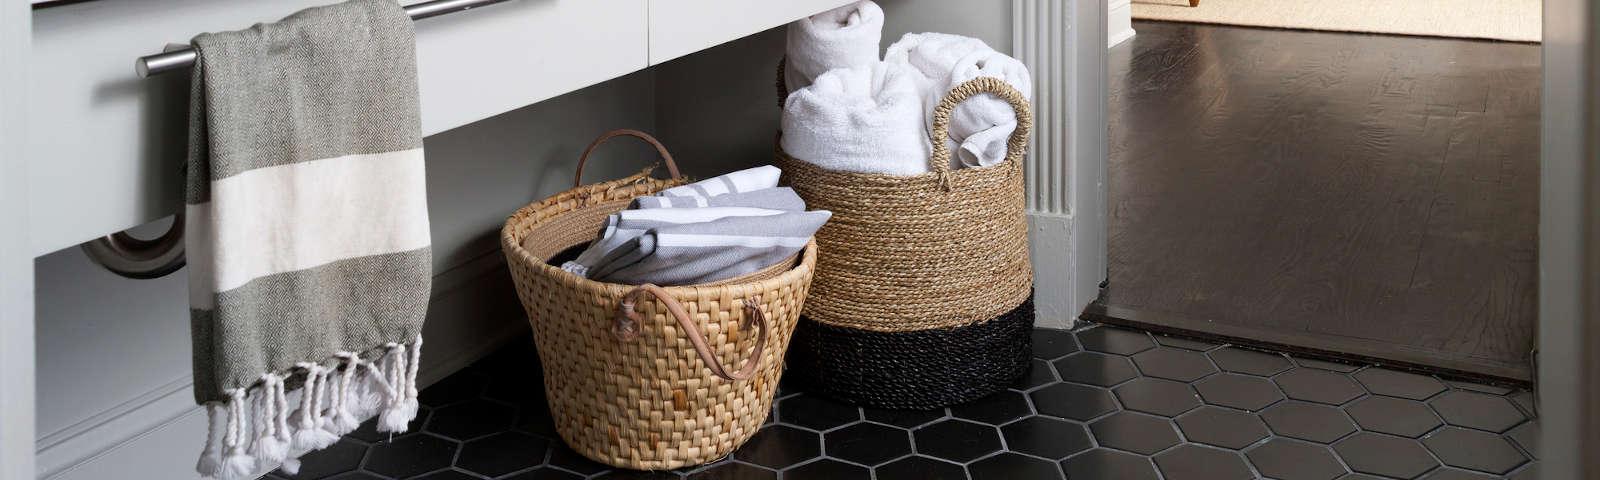 корзины для белья в ванной фото